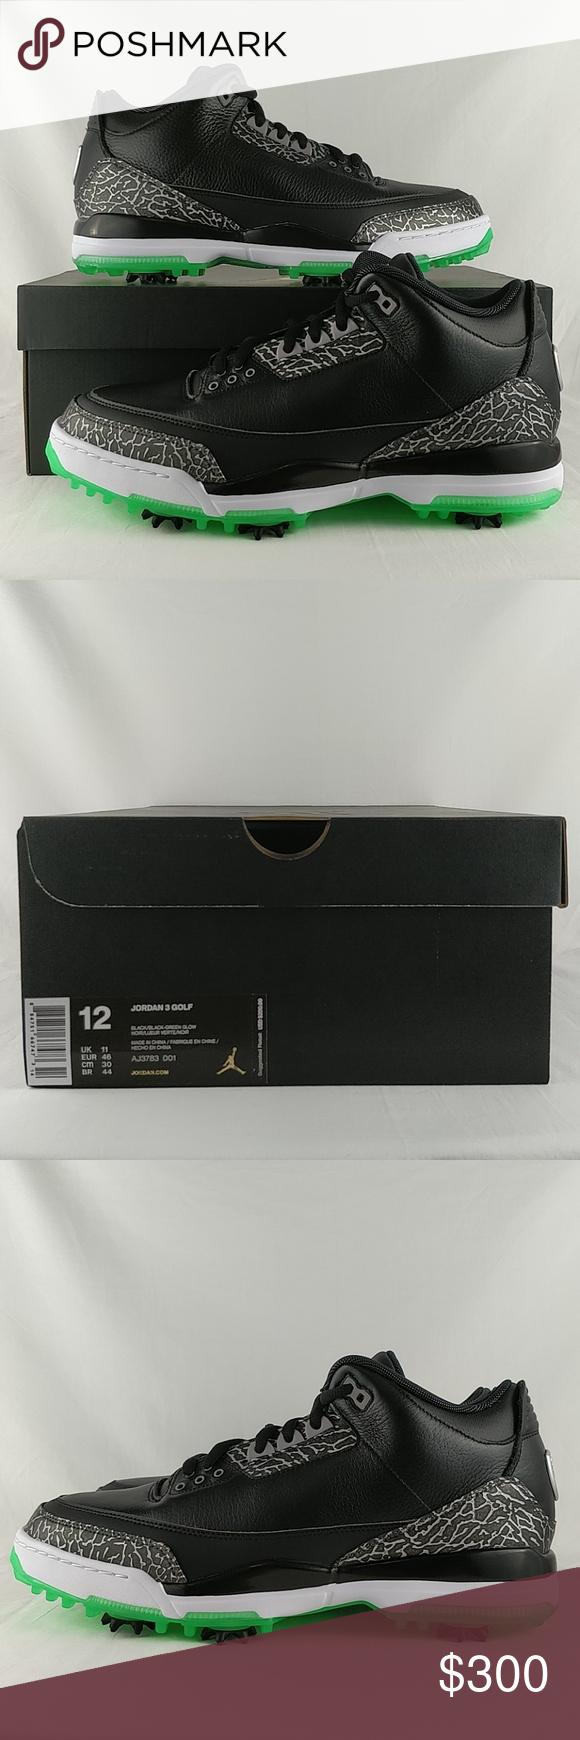 e88792c4b545 Nike Jordan 3 Golf Shoe Green Glow Men s Size 12 Nike Jordan 3 Golf Shoe